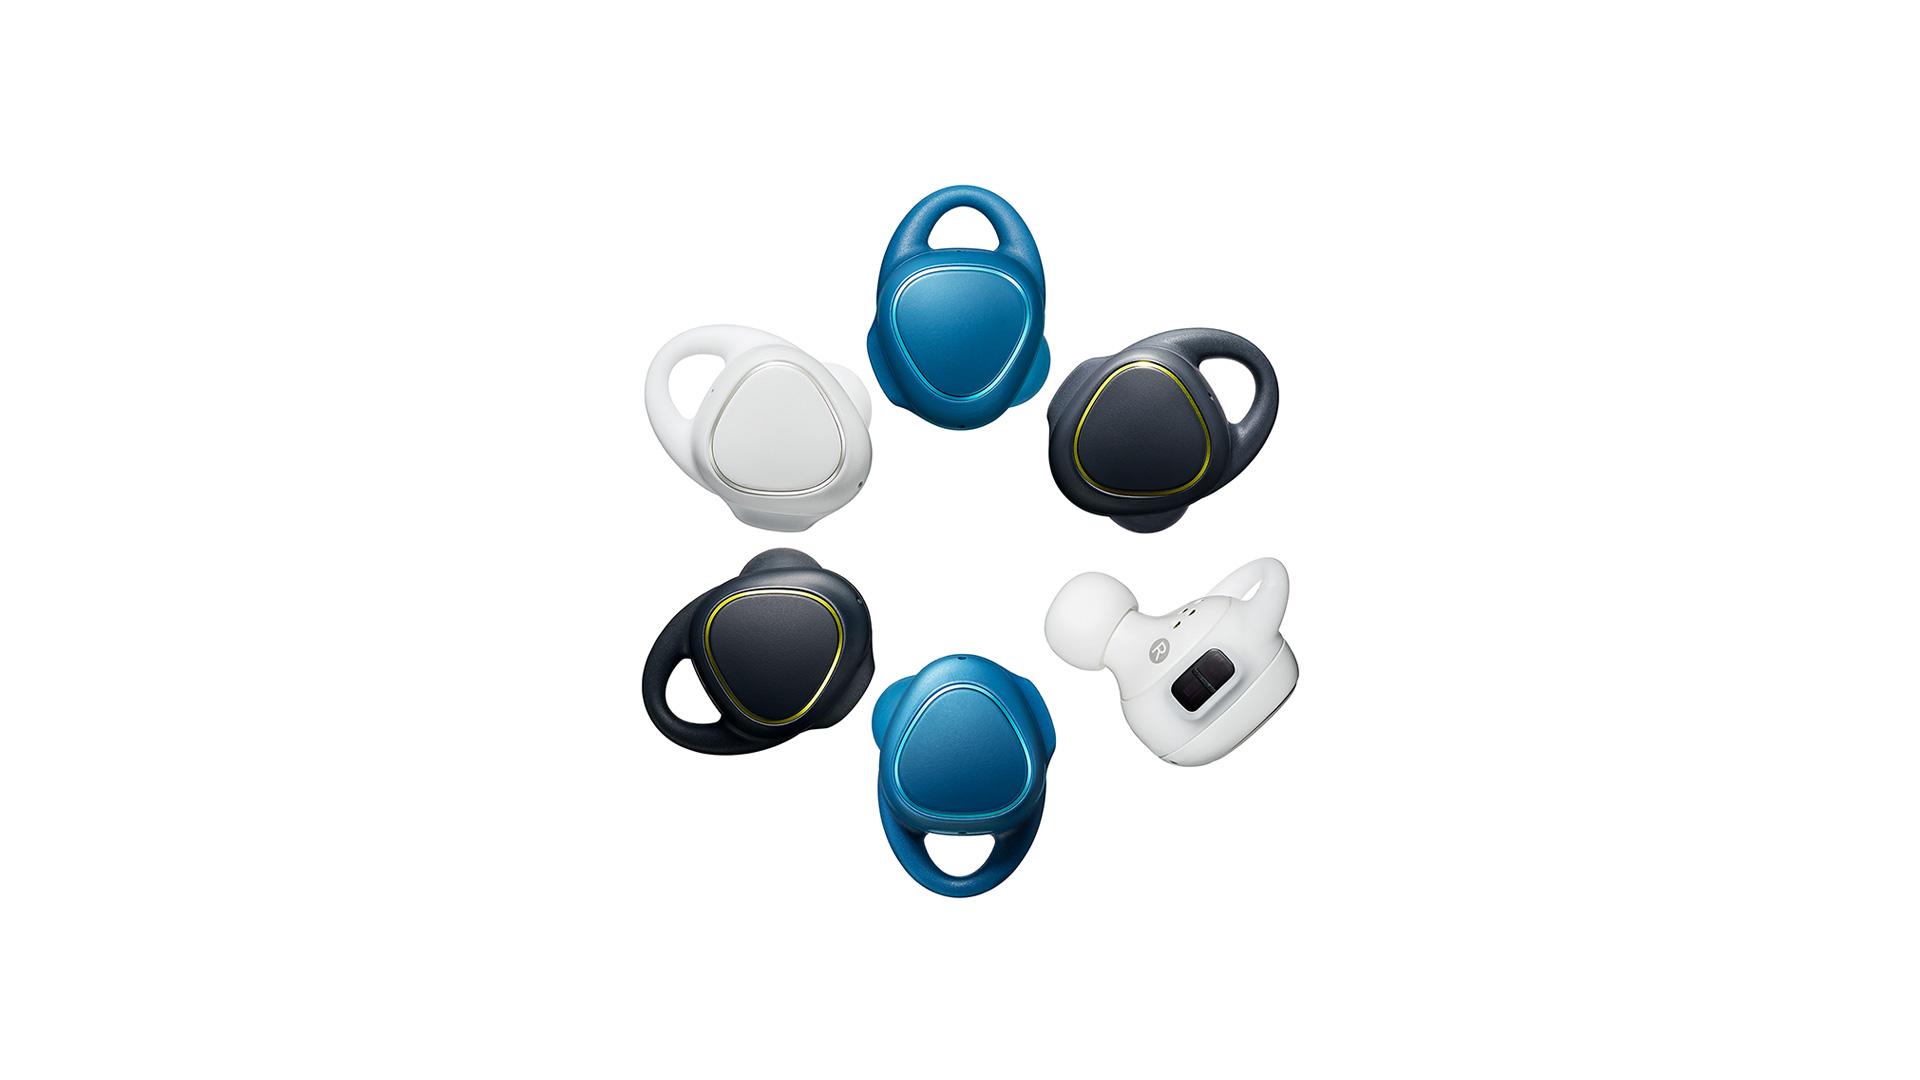 Обзор Gear Iconx качественный звук в небольшом корпусе